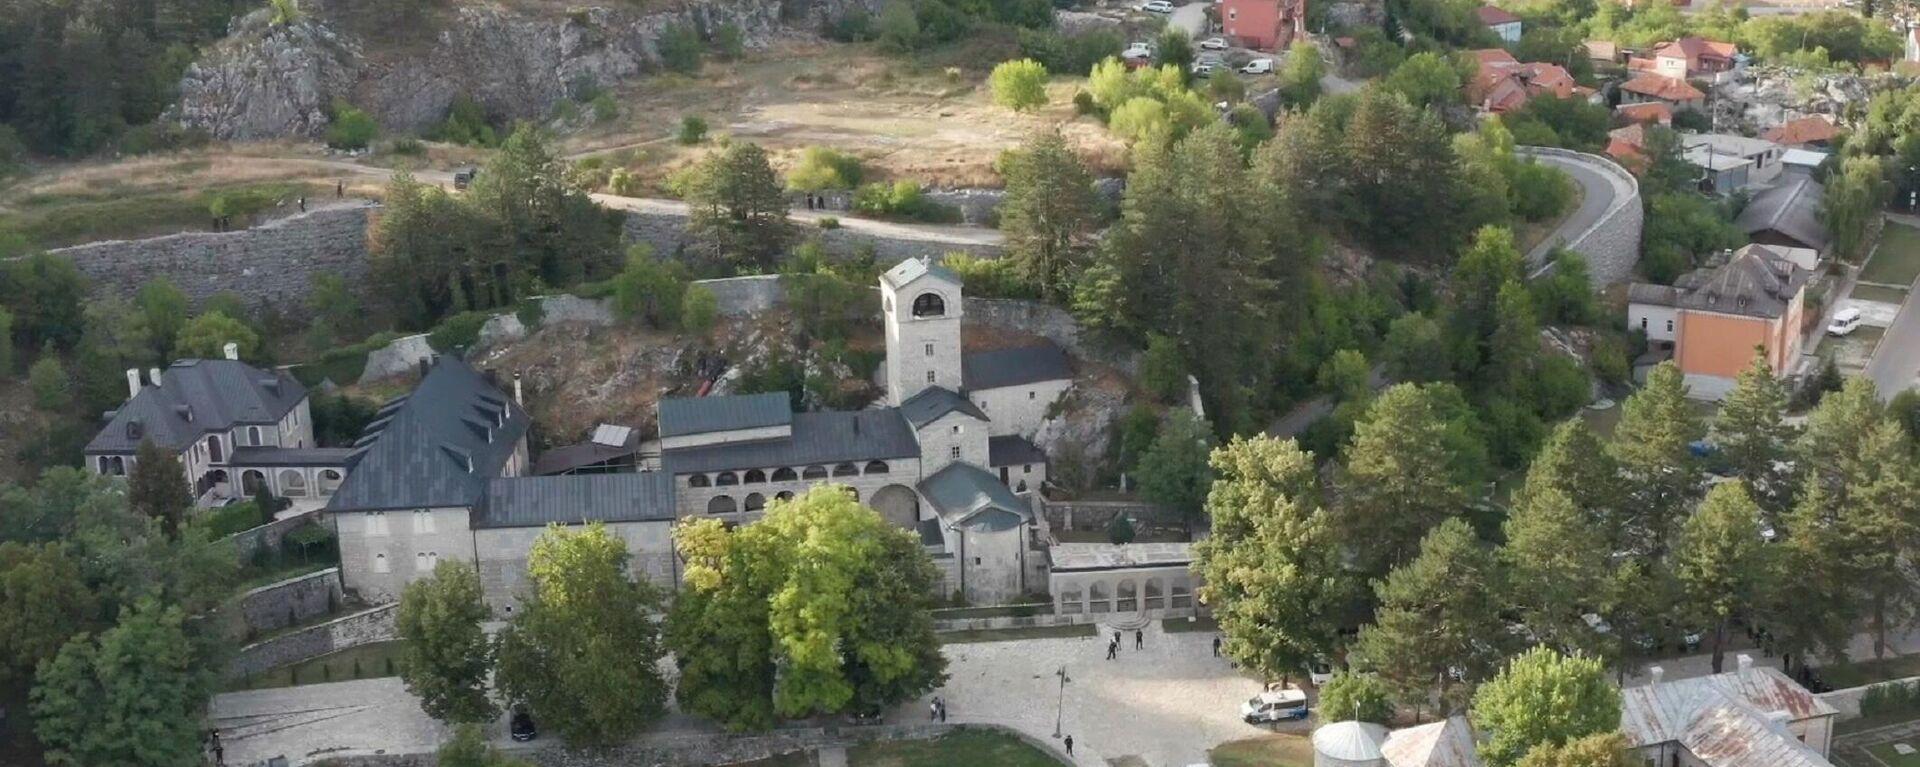 Cetinjski manastir - Sputnik Srbija, 1920, 16.09.2021